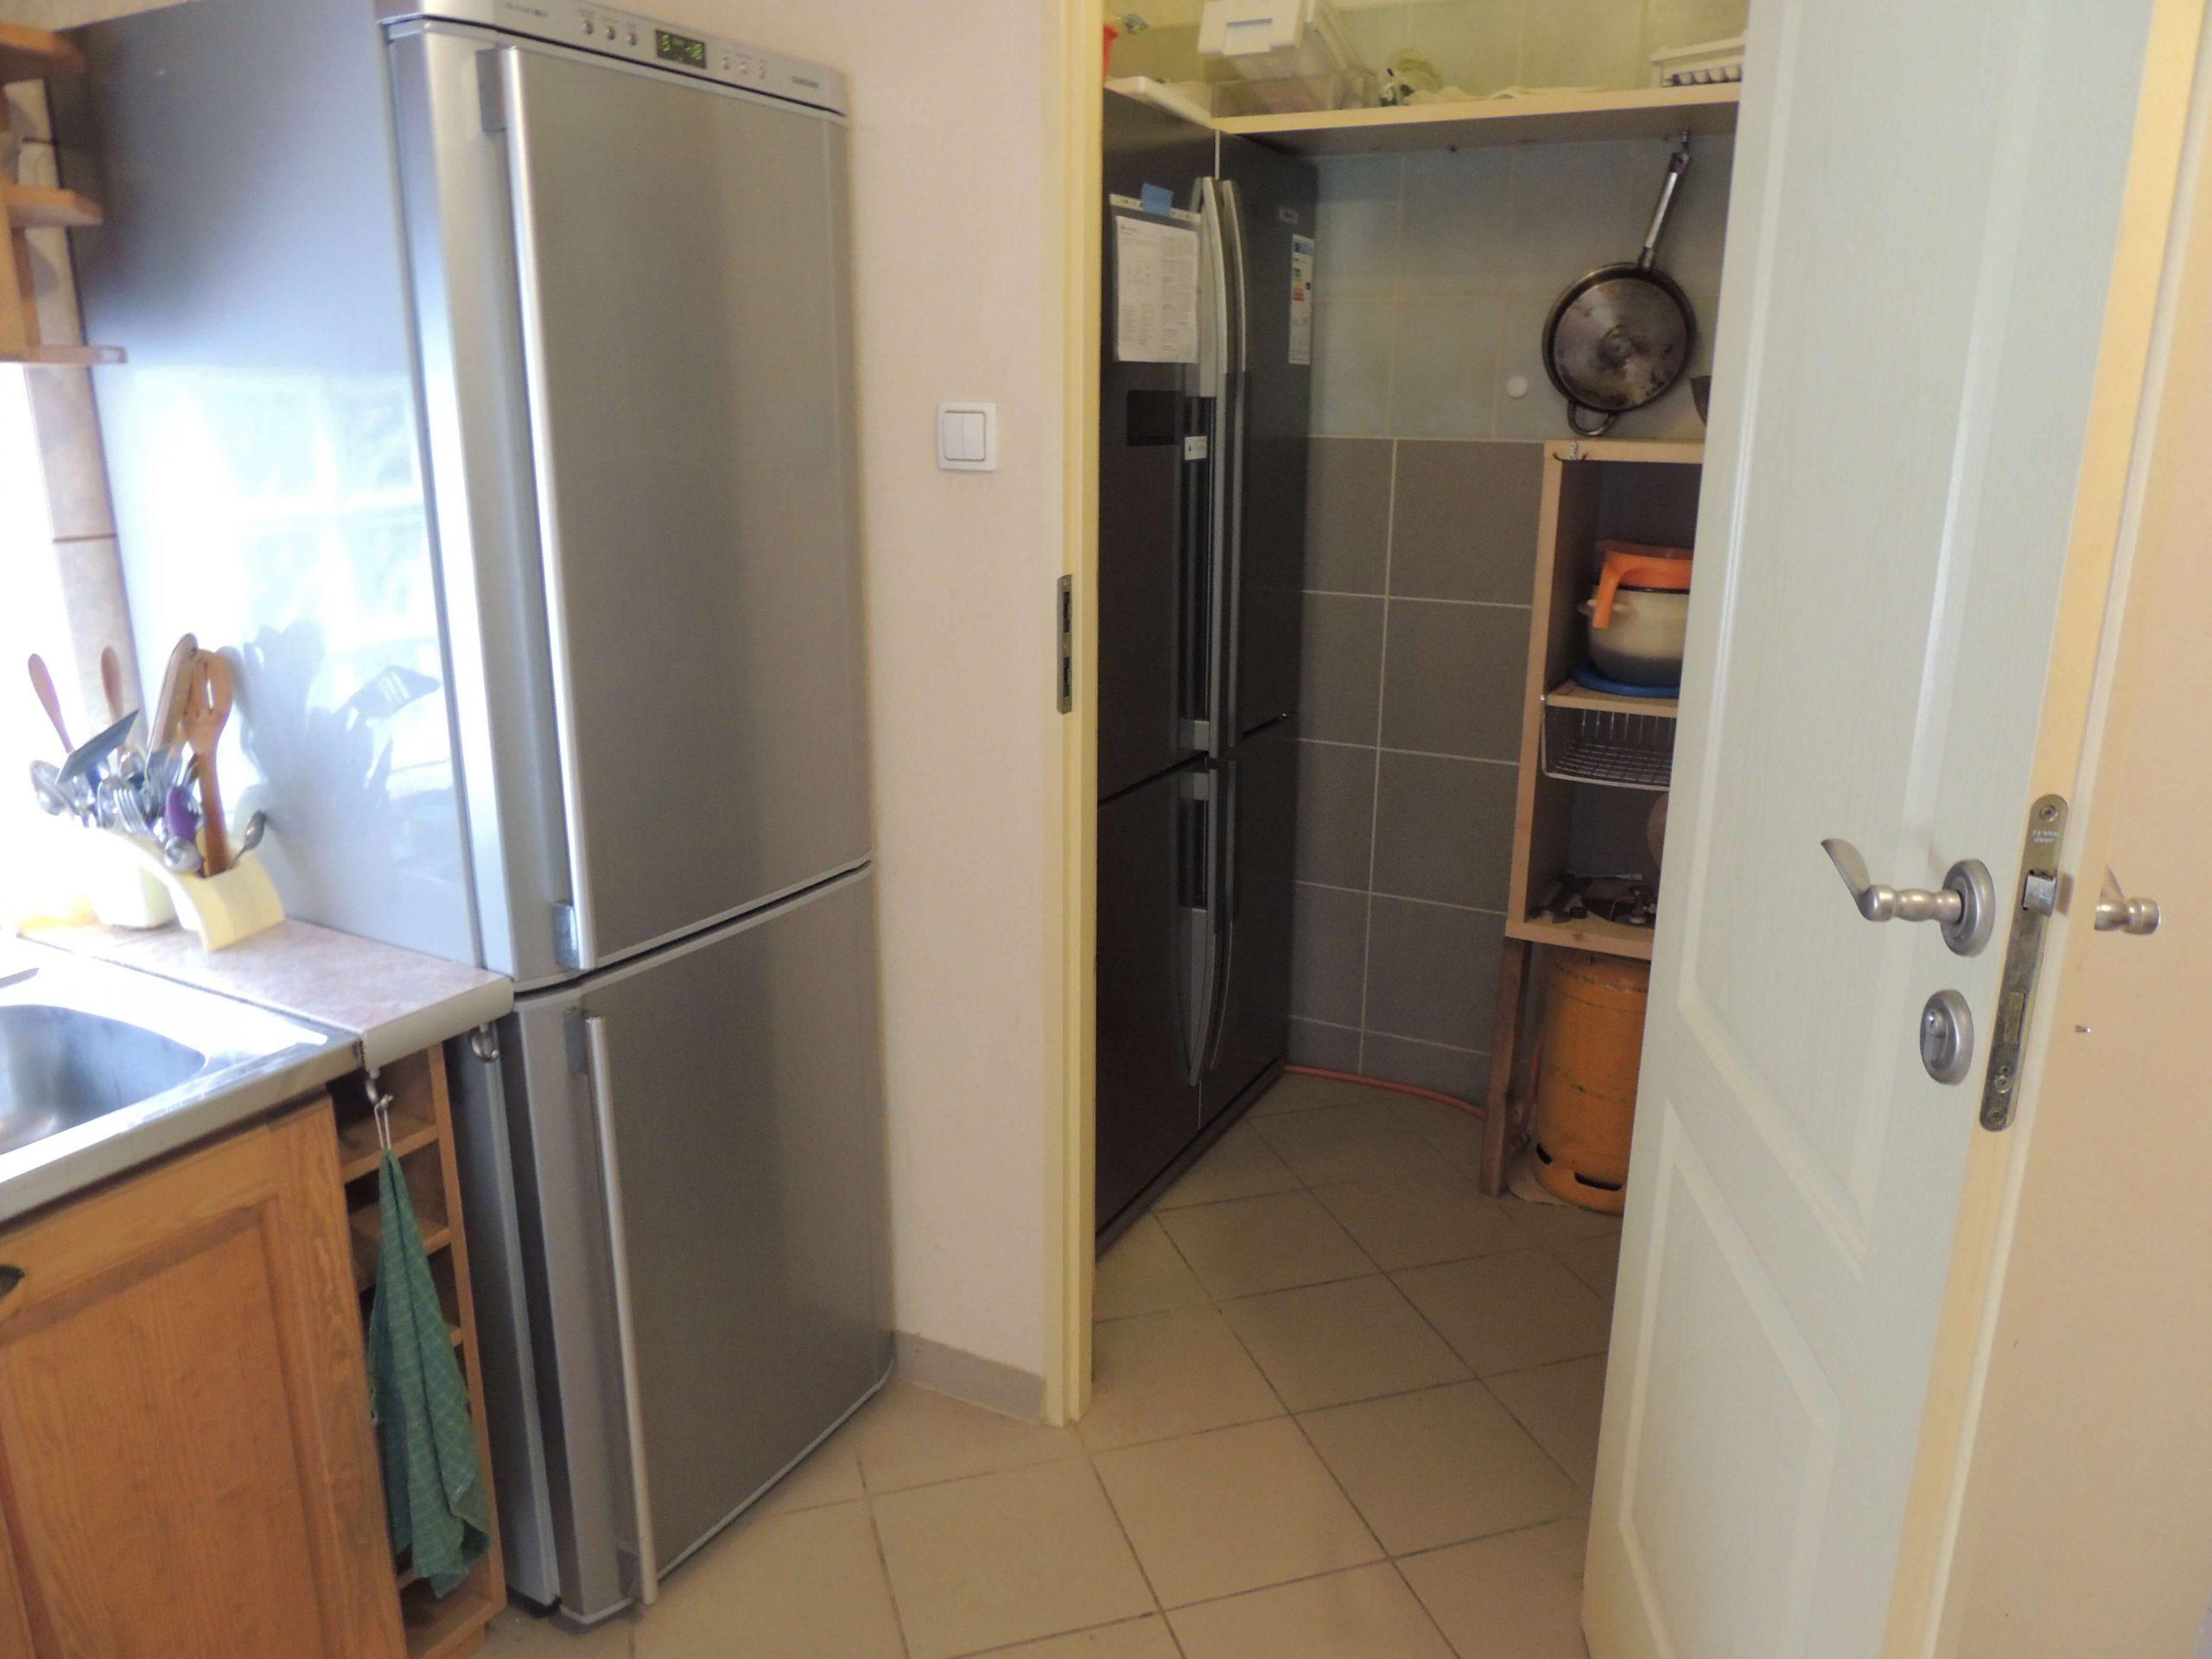 kuchnia dwie lodówki